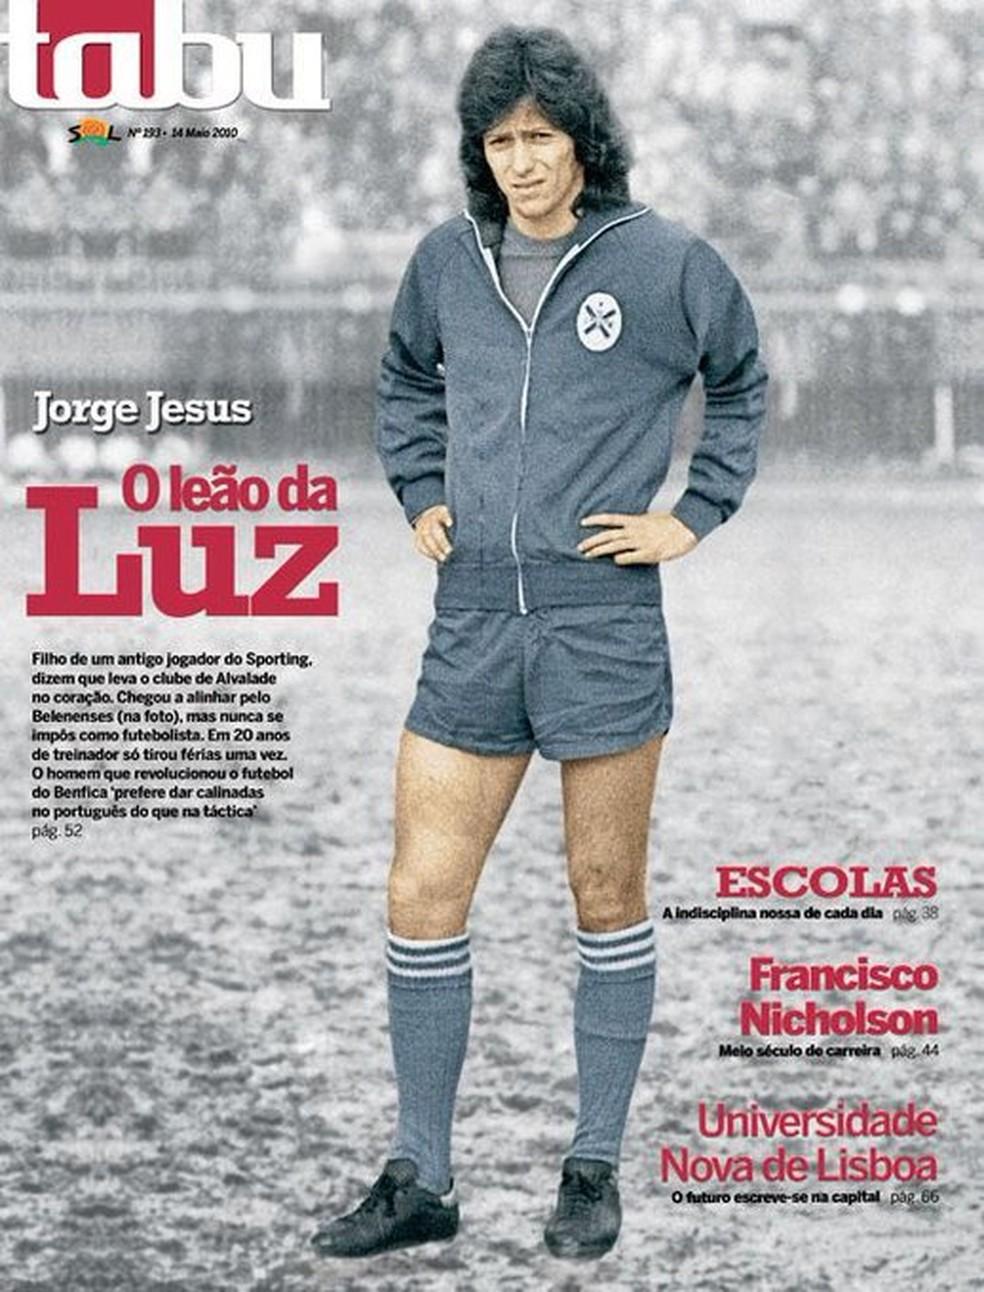 """Jesus na capa da revista portuguesa """"Tabu"""", na época de jogador do Belenenses — Foto: Reprodução"""